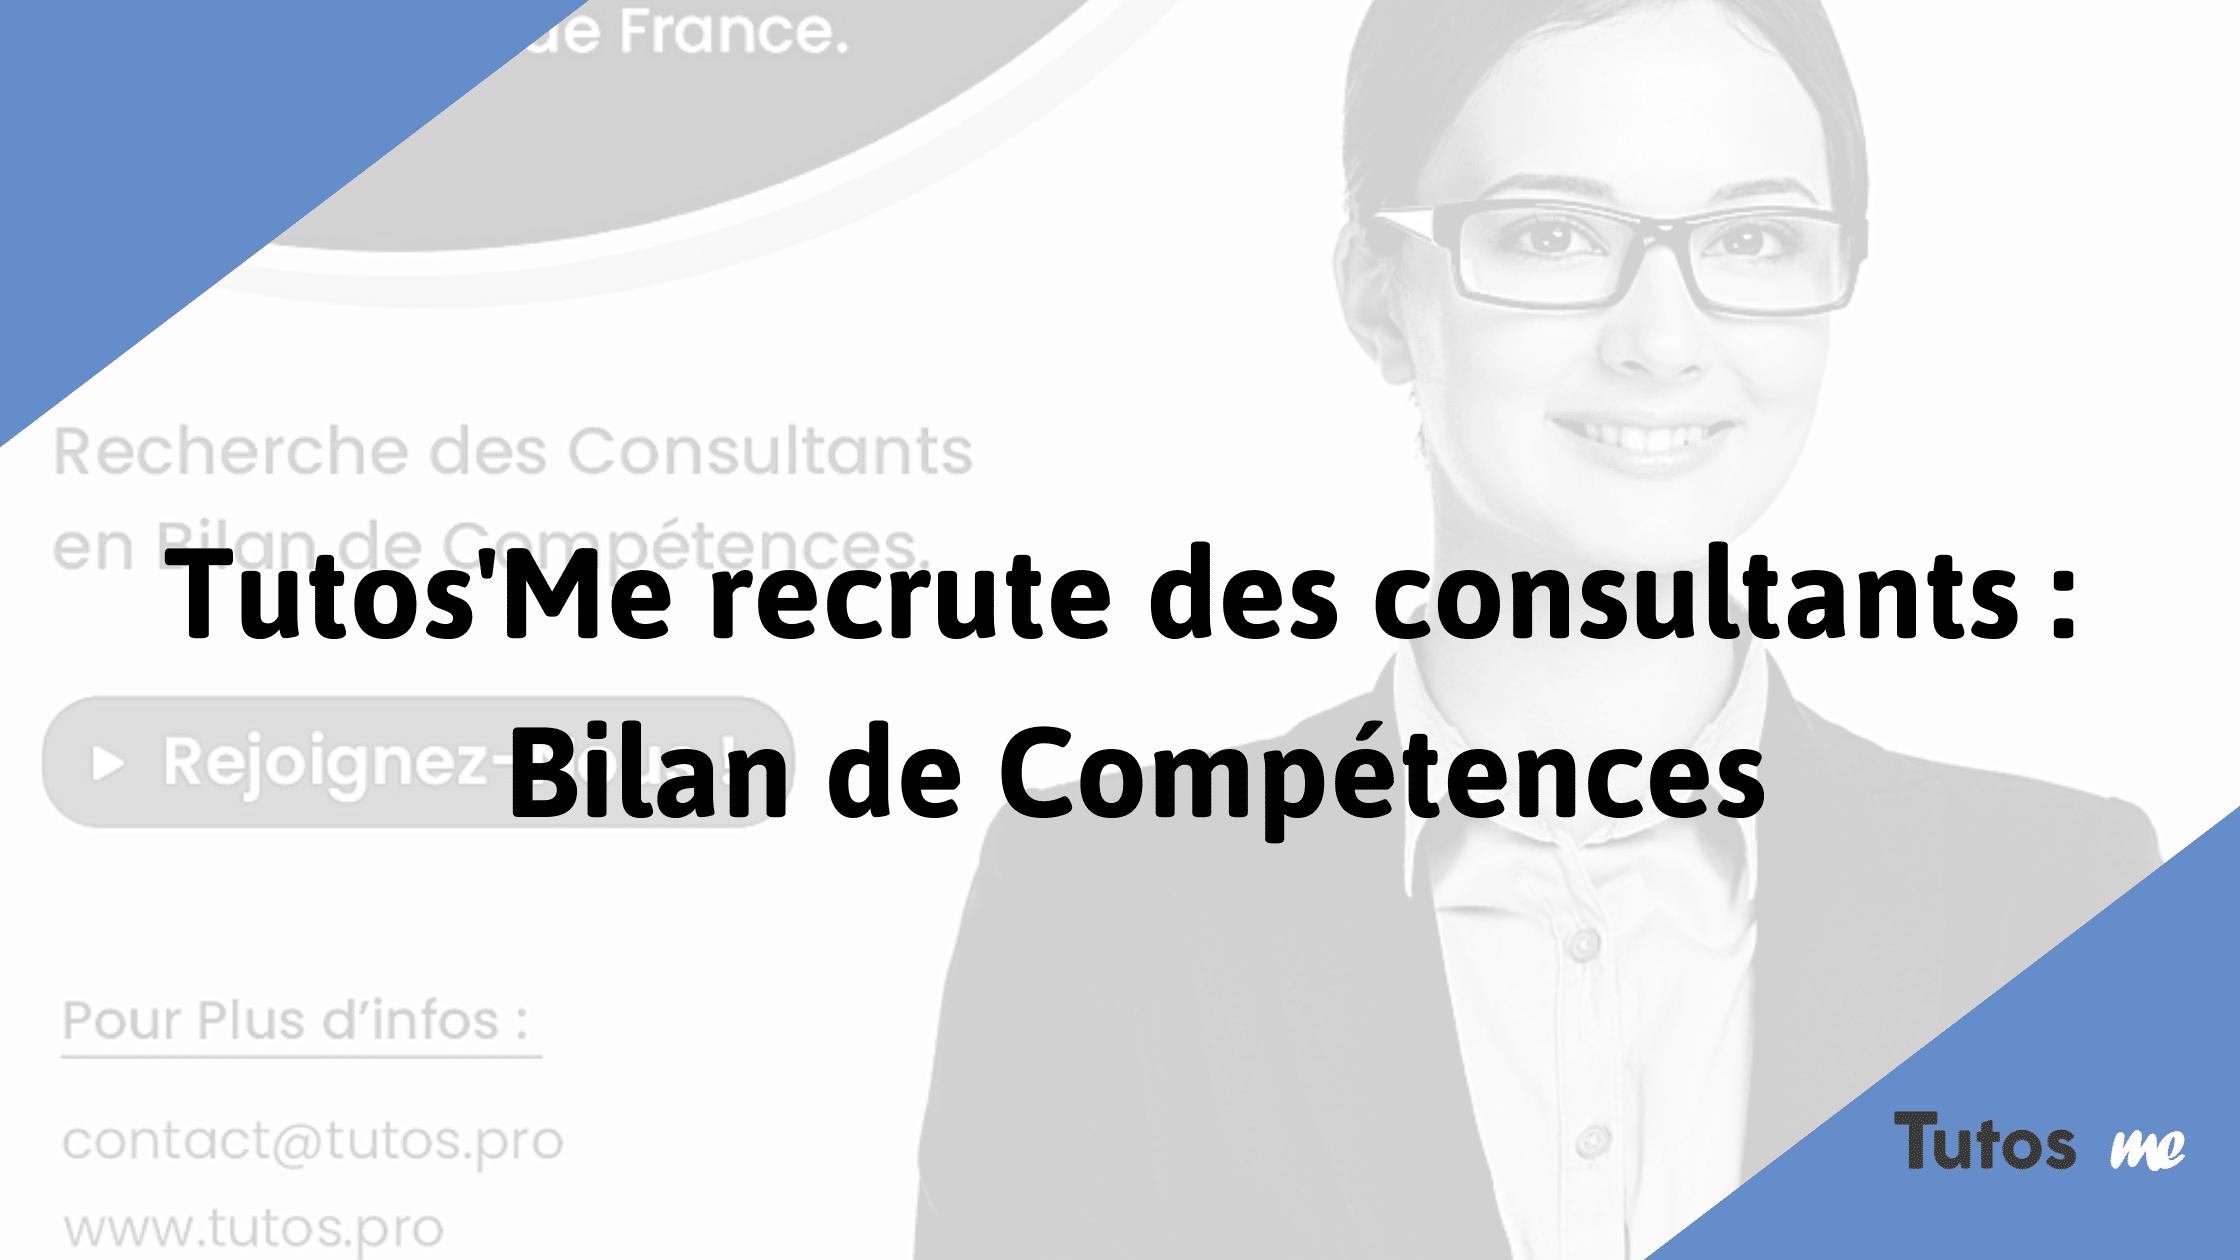 tutos-me-formateurs-independants-bilan-de-competences